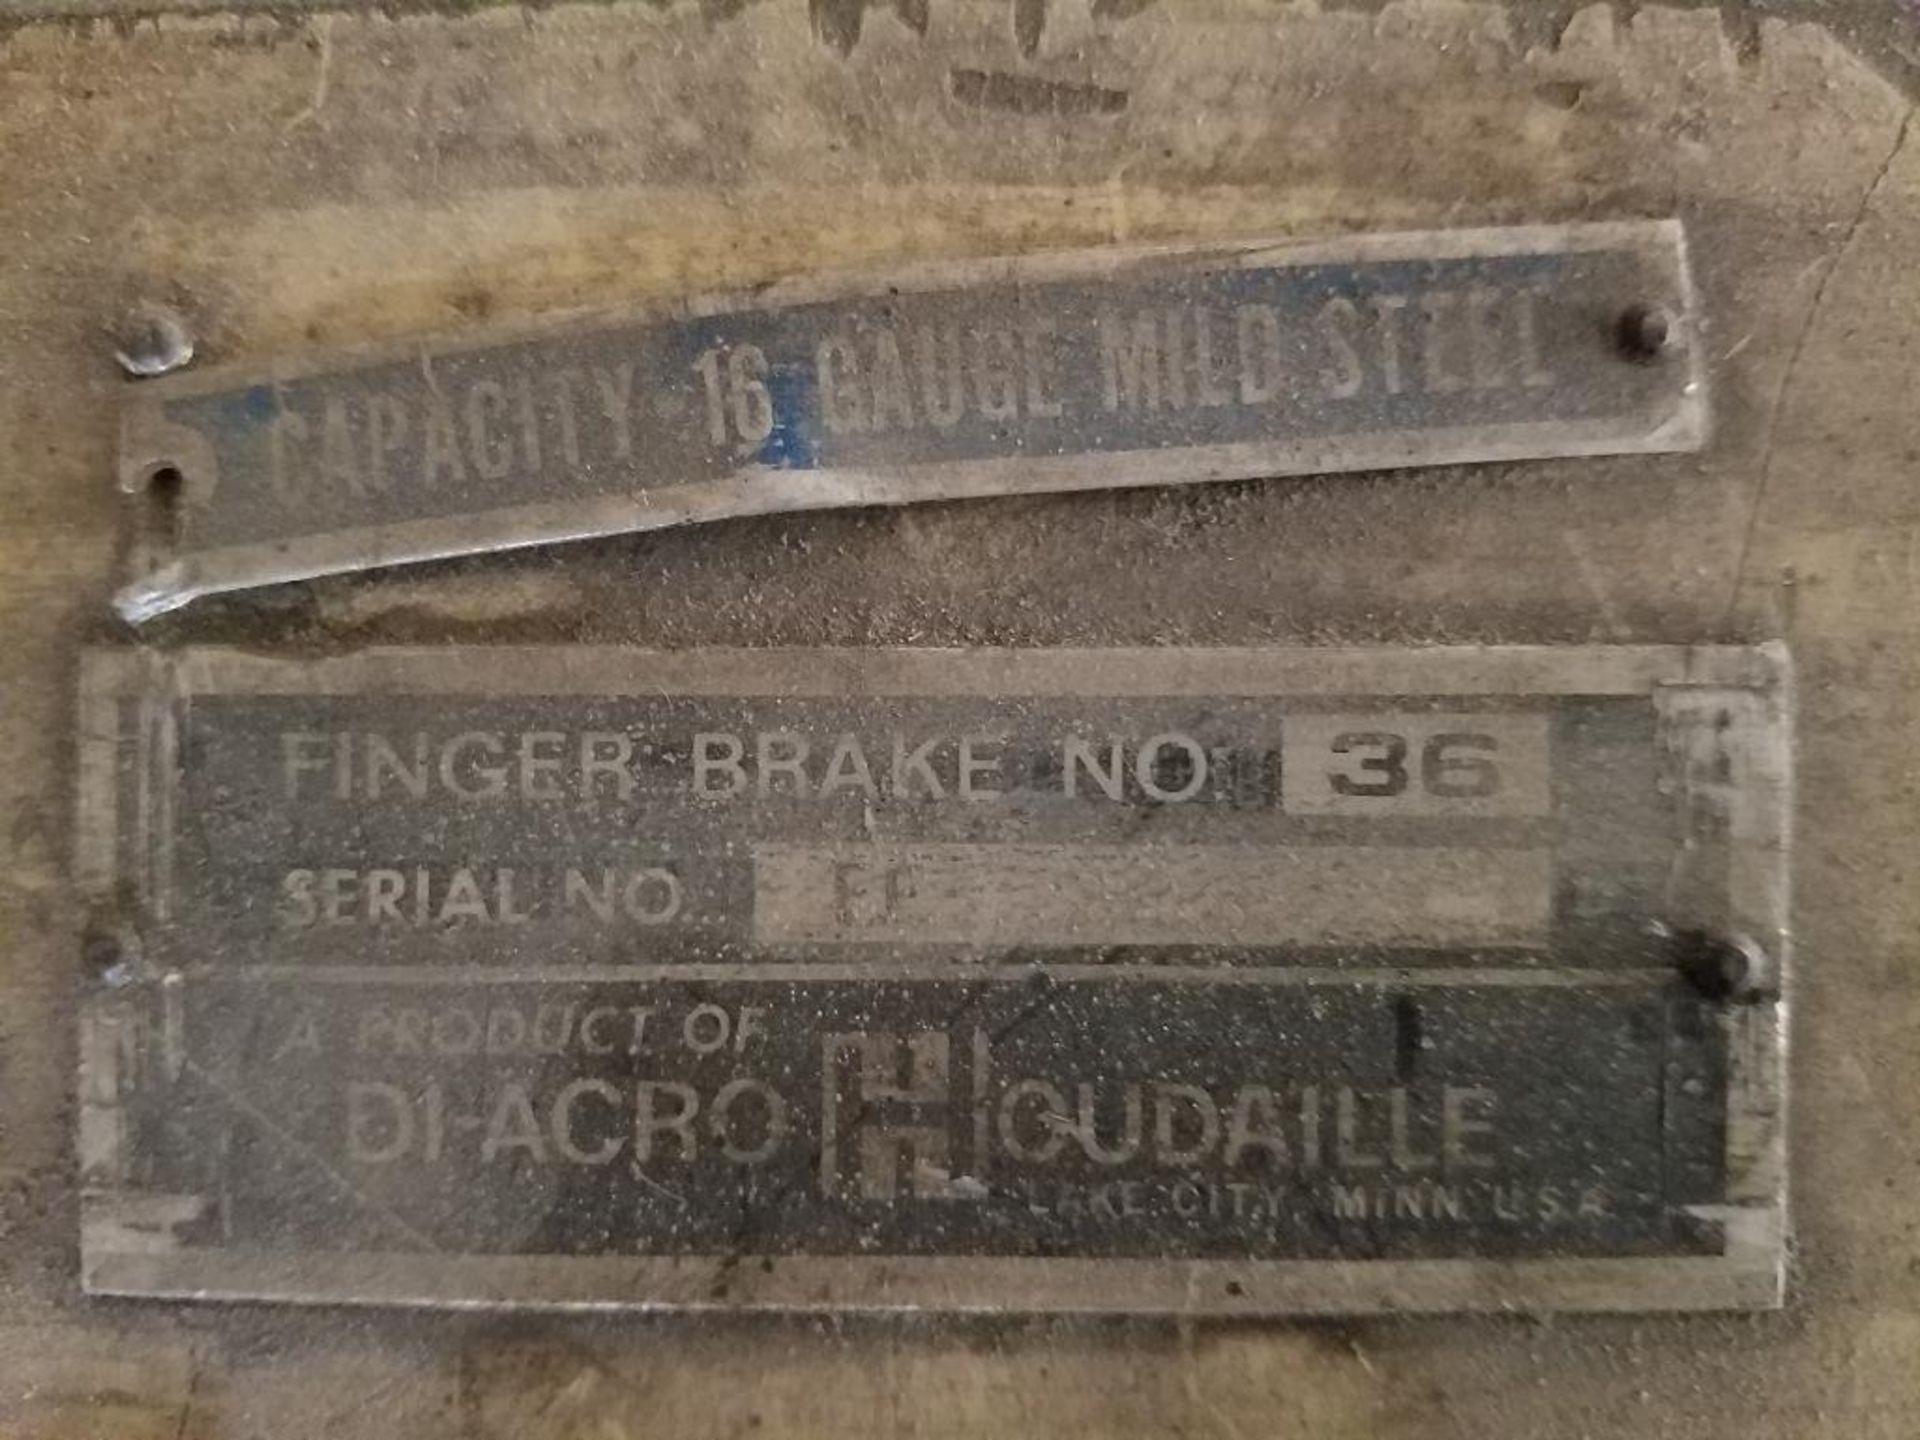 Di-Agro Houdalle 3 ft. finger brake - Image 5 of 5